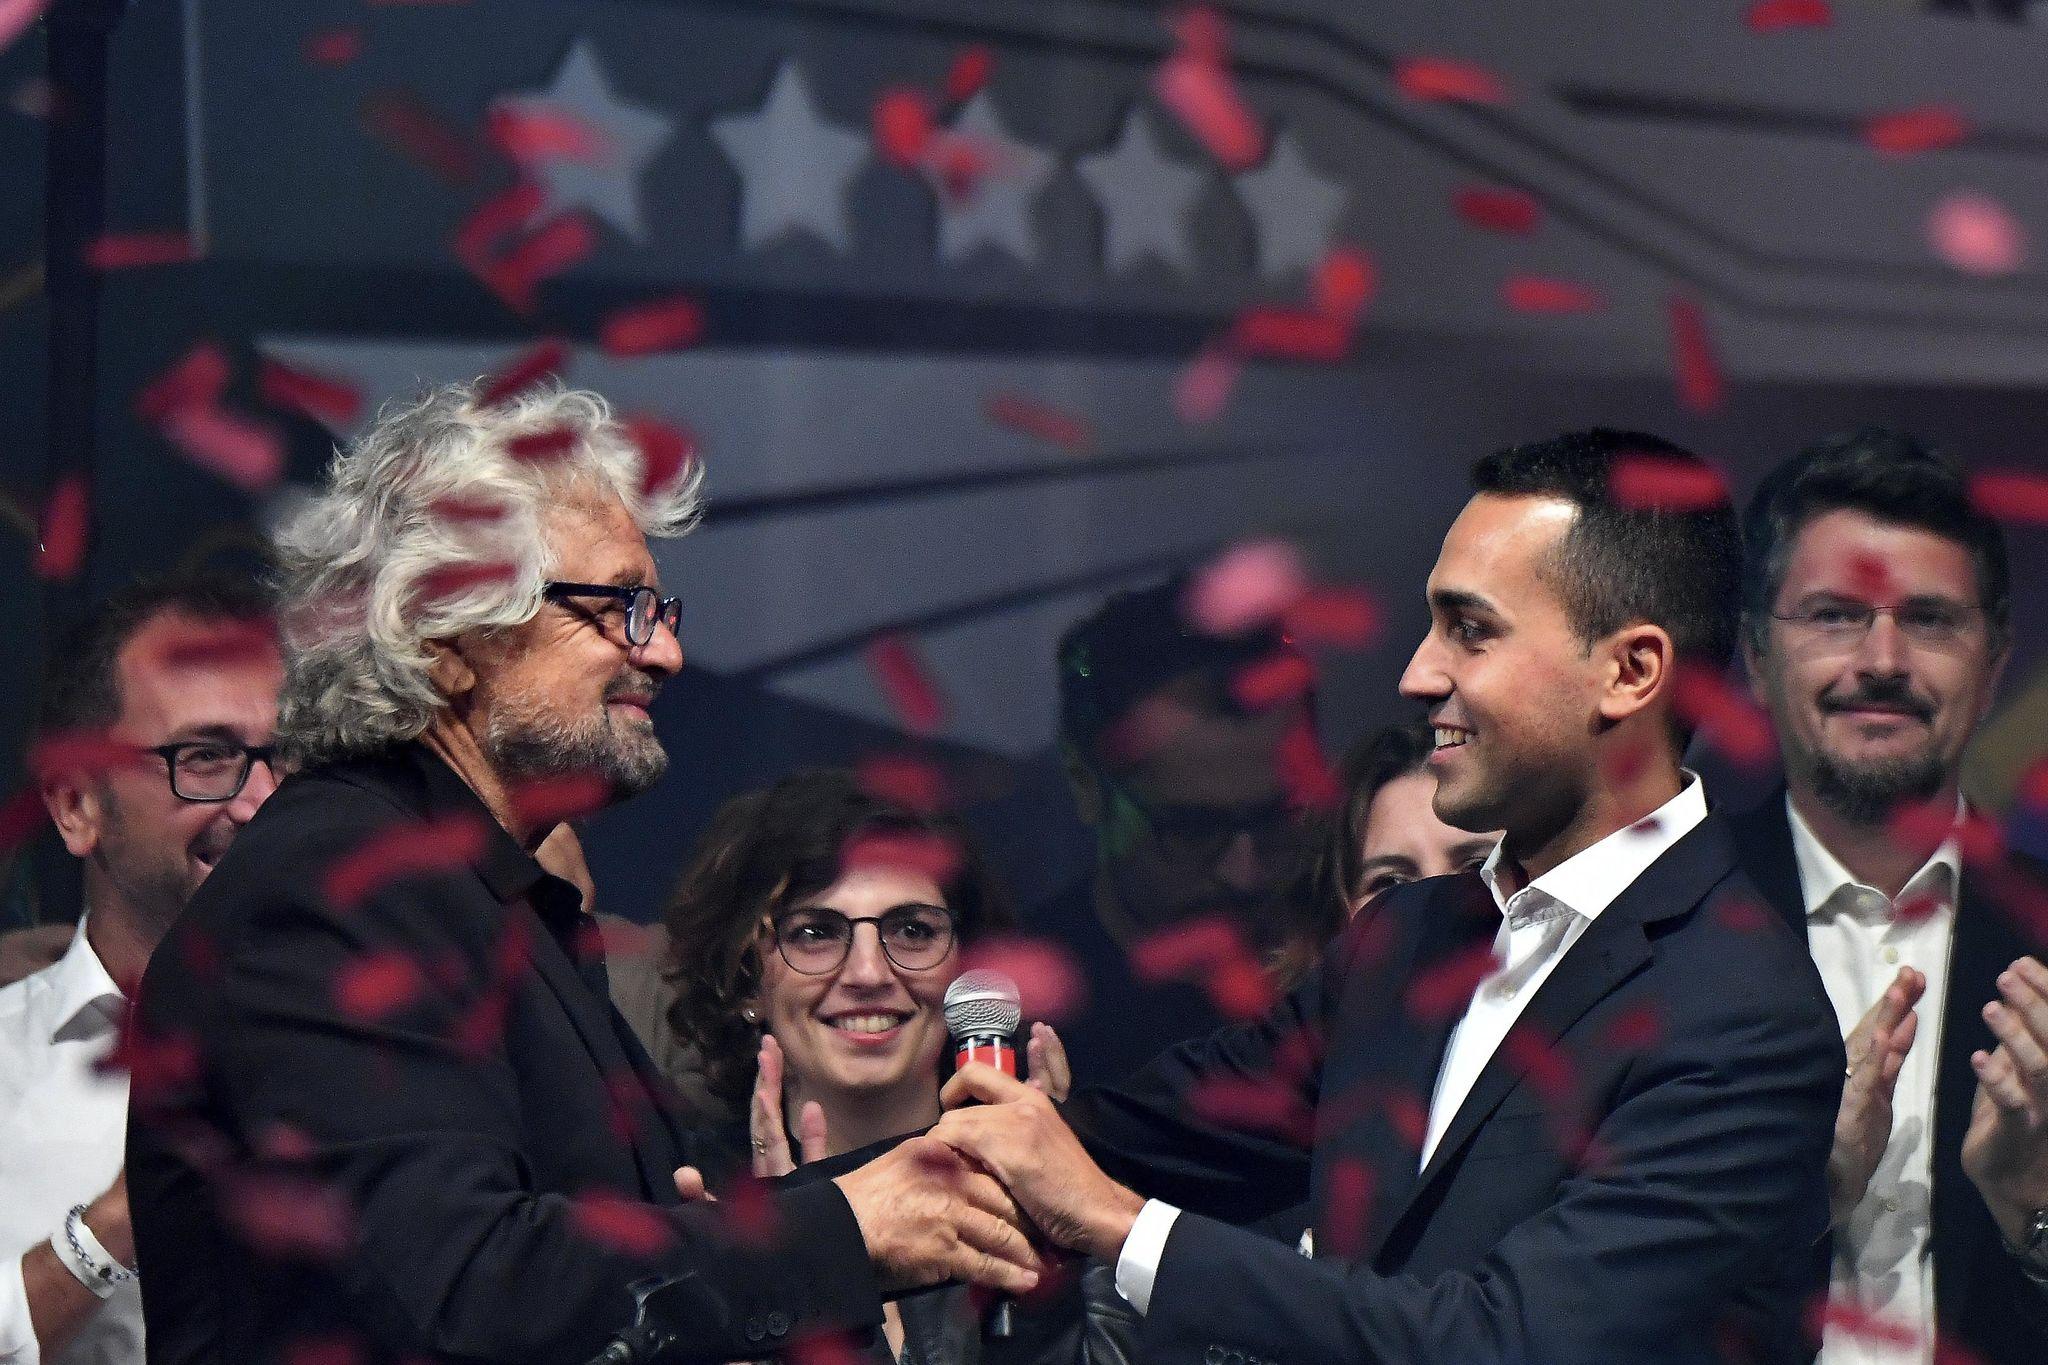 El diputado Luigi di Maio habla con el fundador del M5E, Beppe Grillo, tras ser elegido candidato del partido a las elecciones.